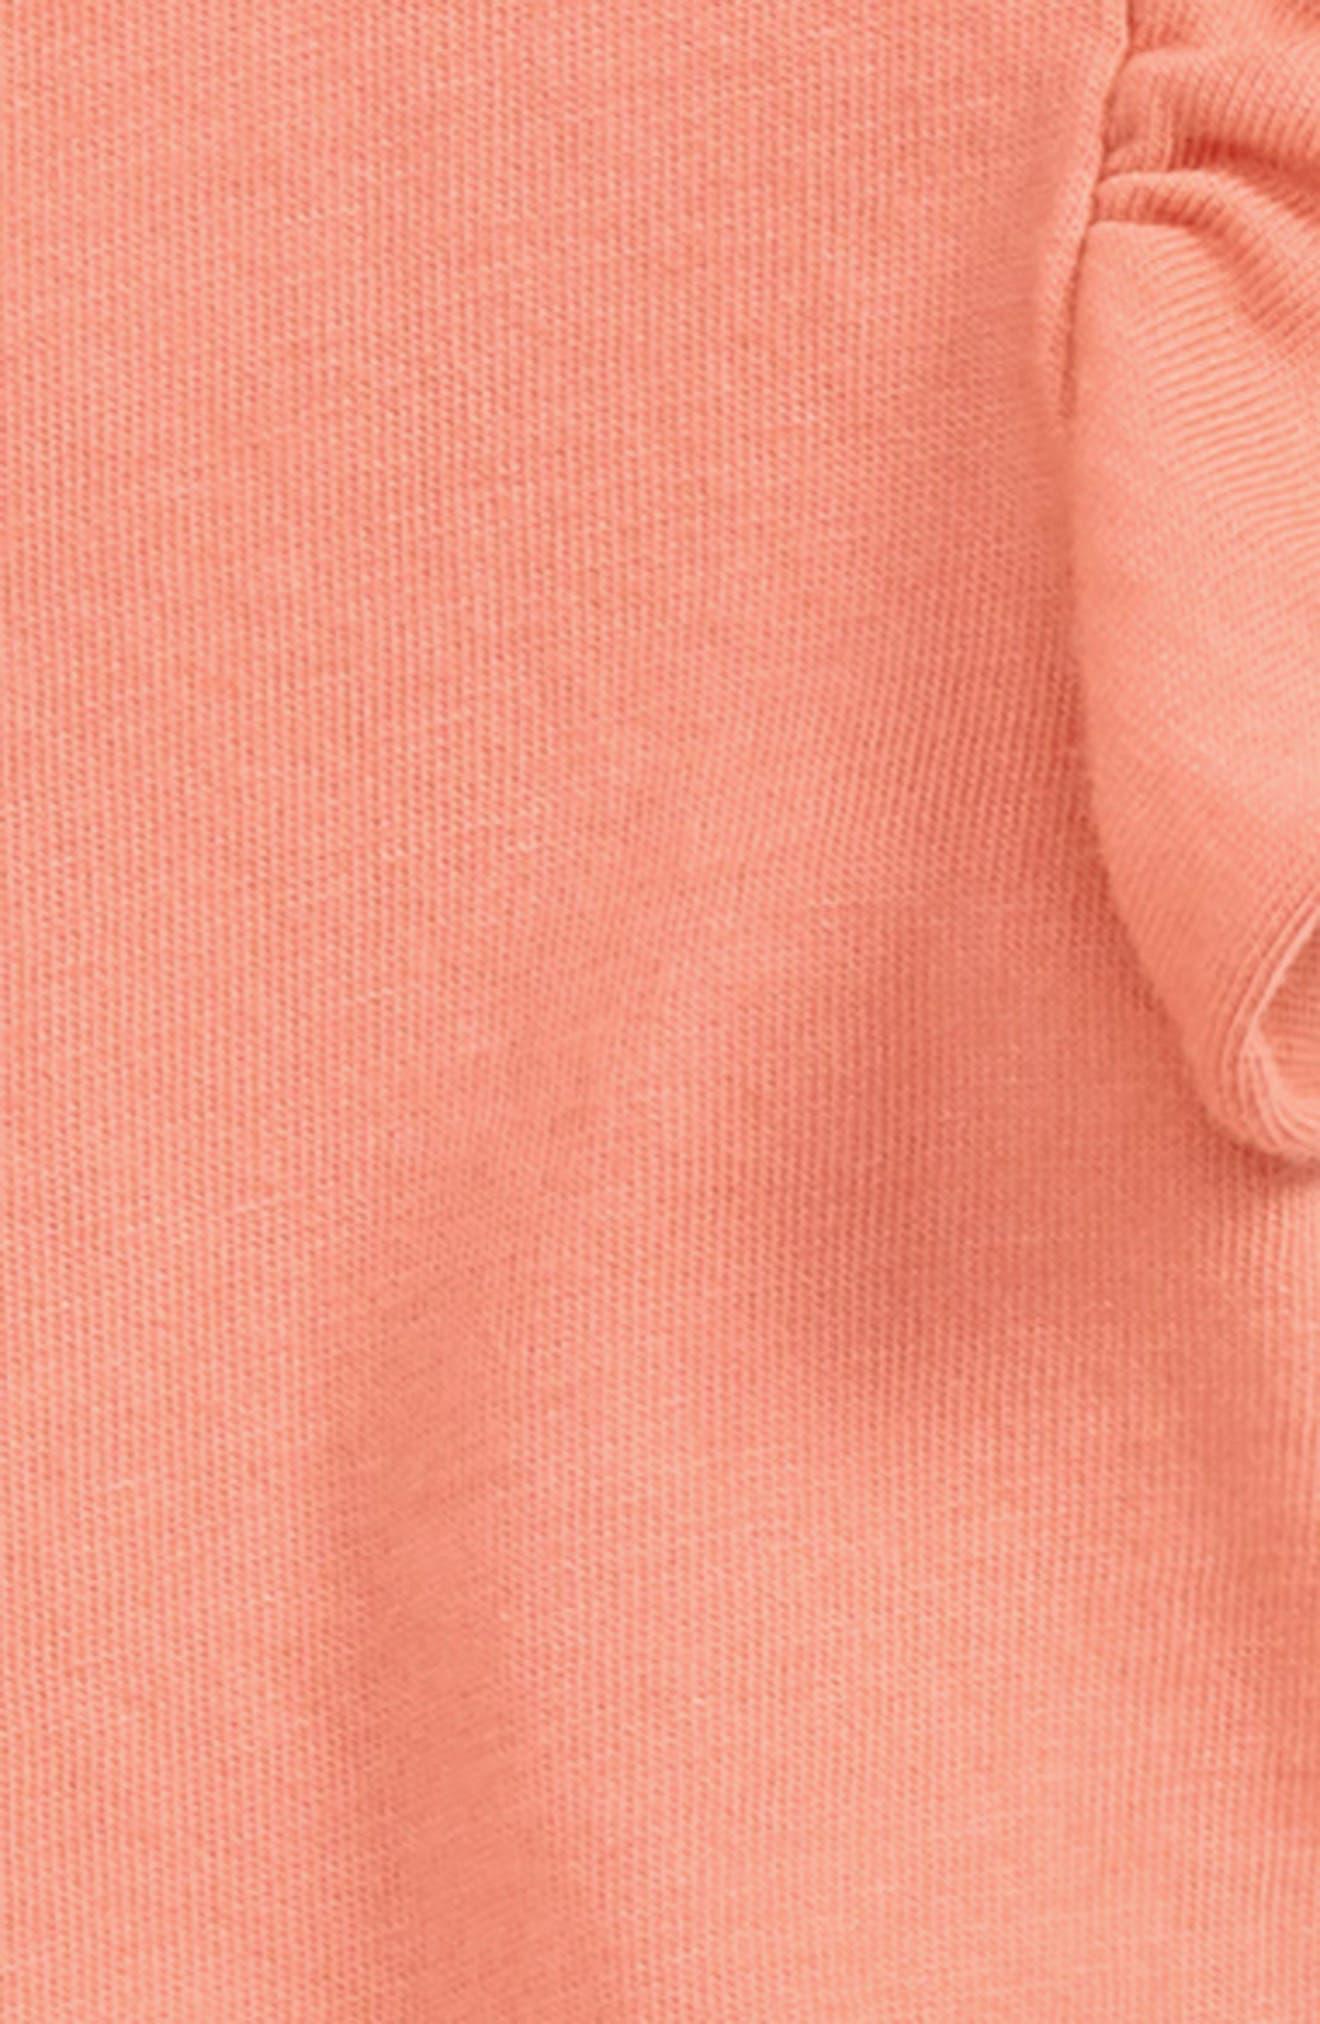 Print Top & Skirted Leggings Set,                             Alternate thumbnail 2, color,                             Bermuda Pink